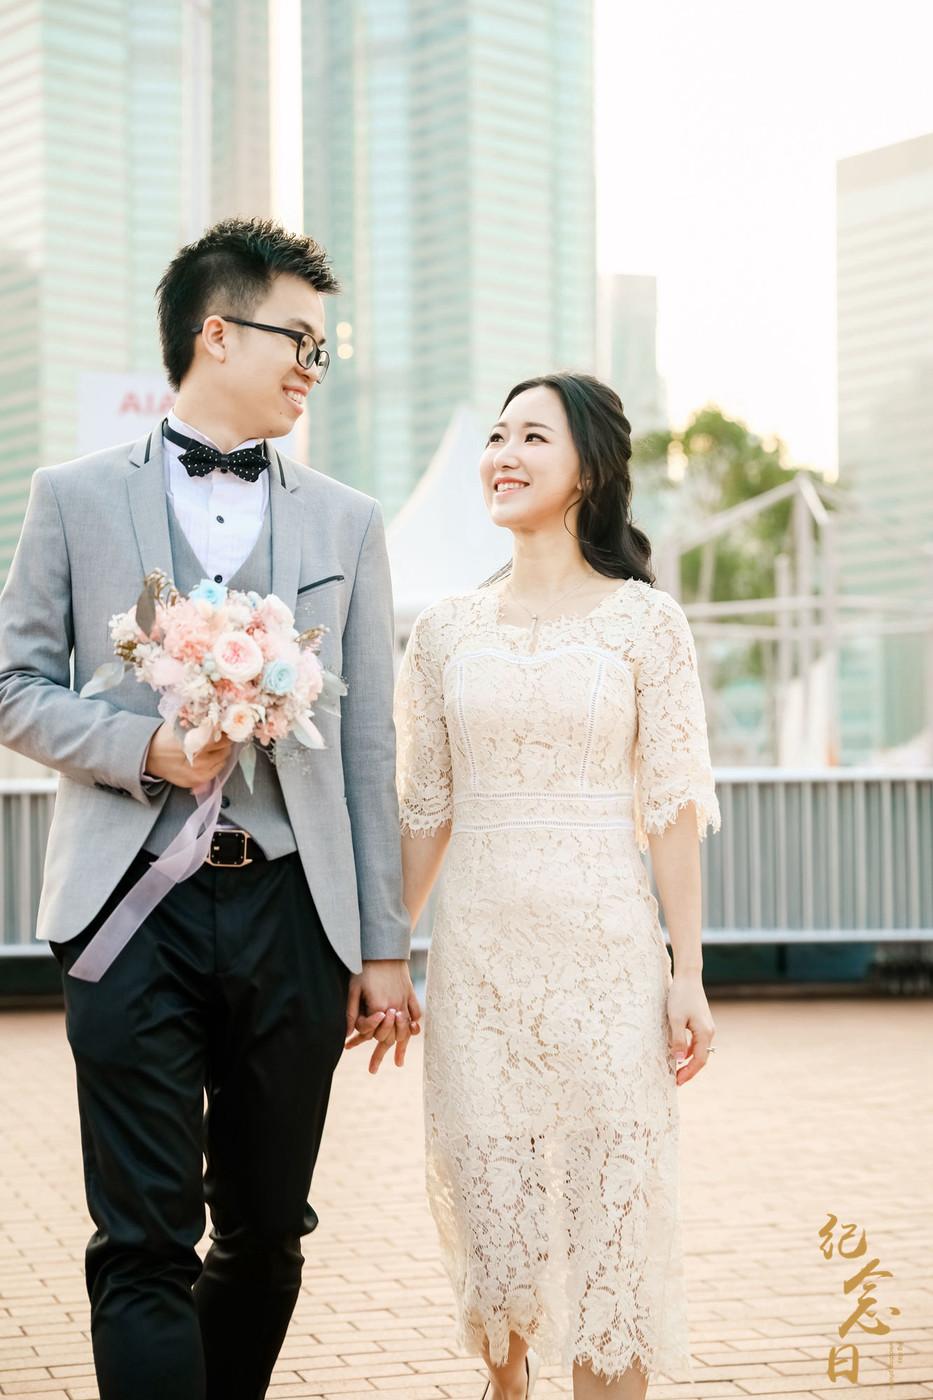 婚礼跟拍 |  Ben & Kay36